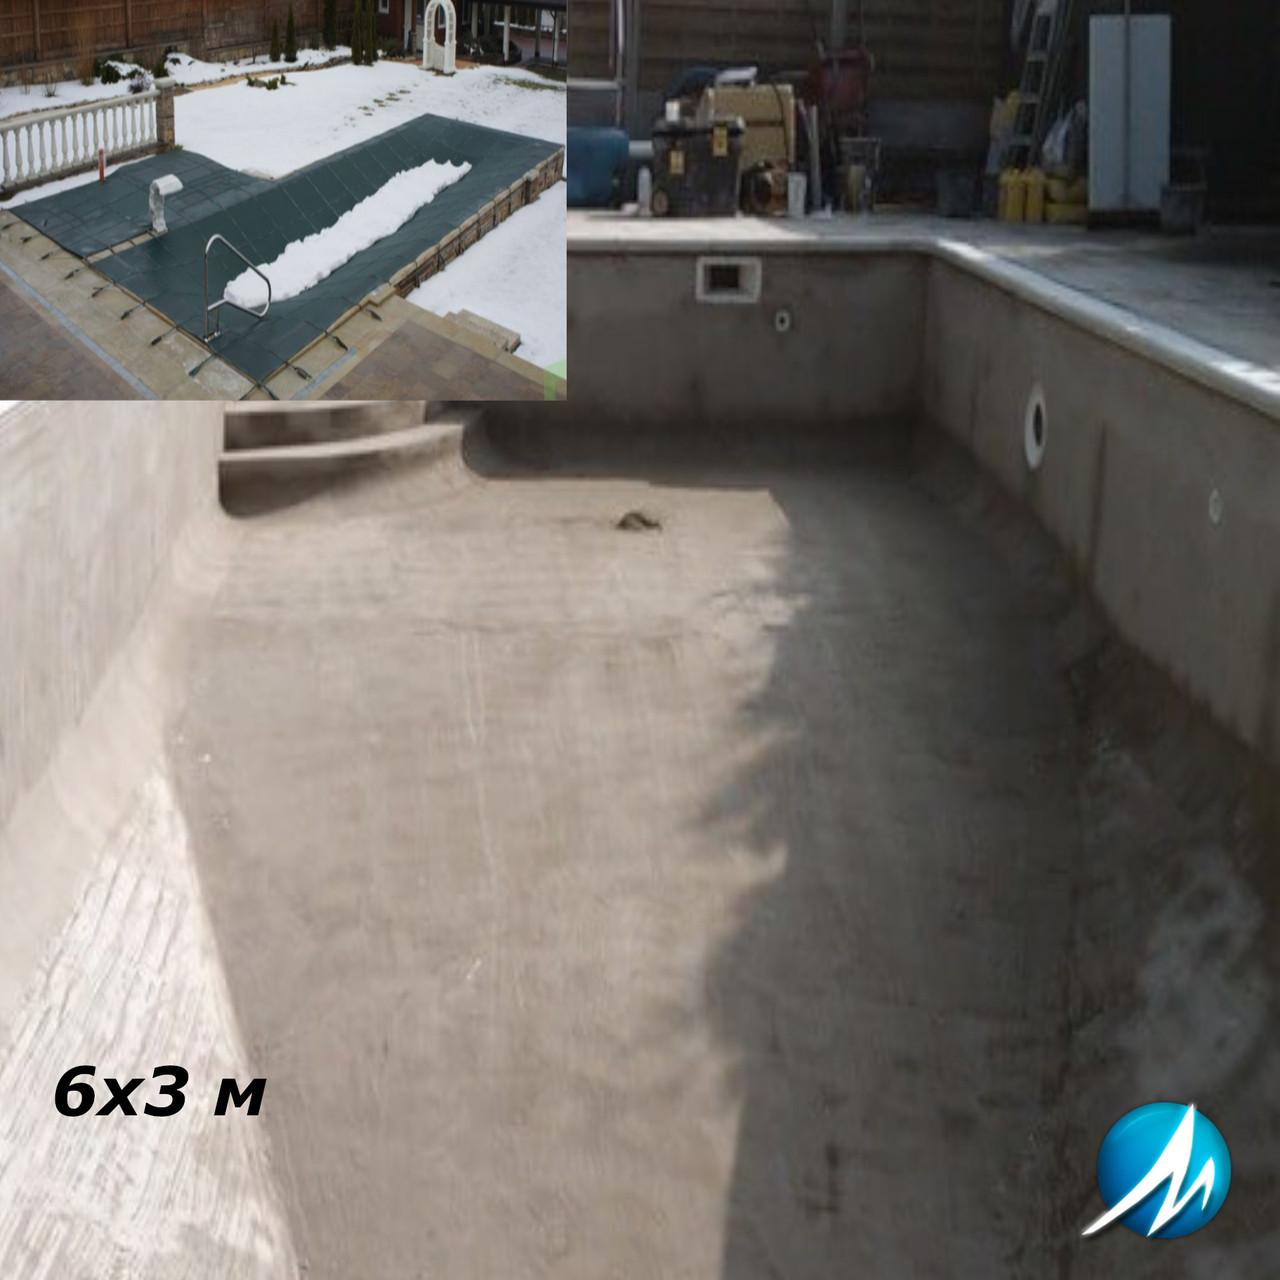 Зимнее накрытие для бетонного бассейна 6х3 м